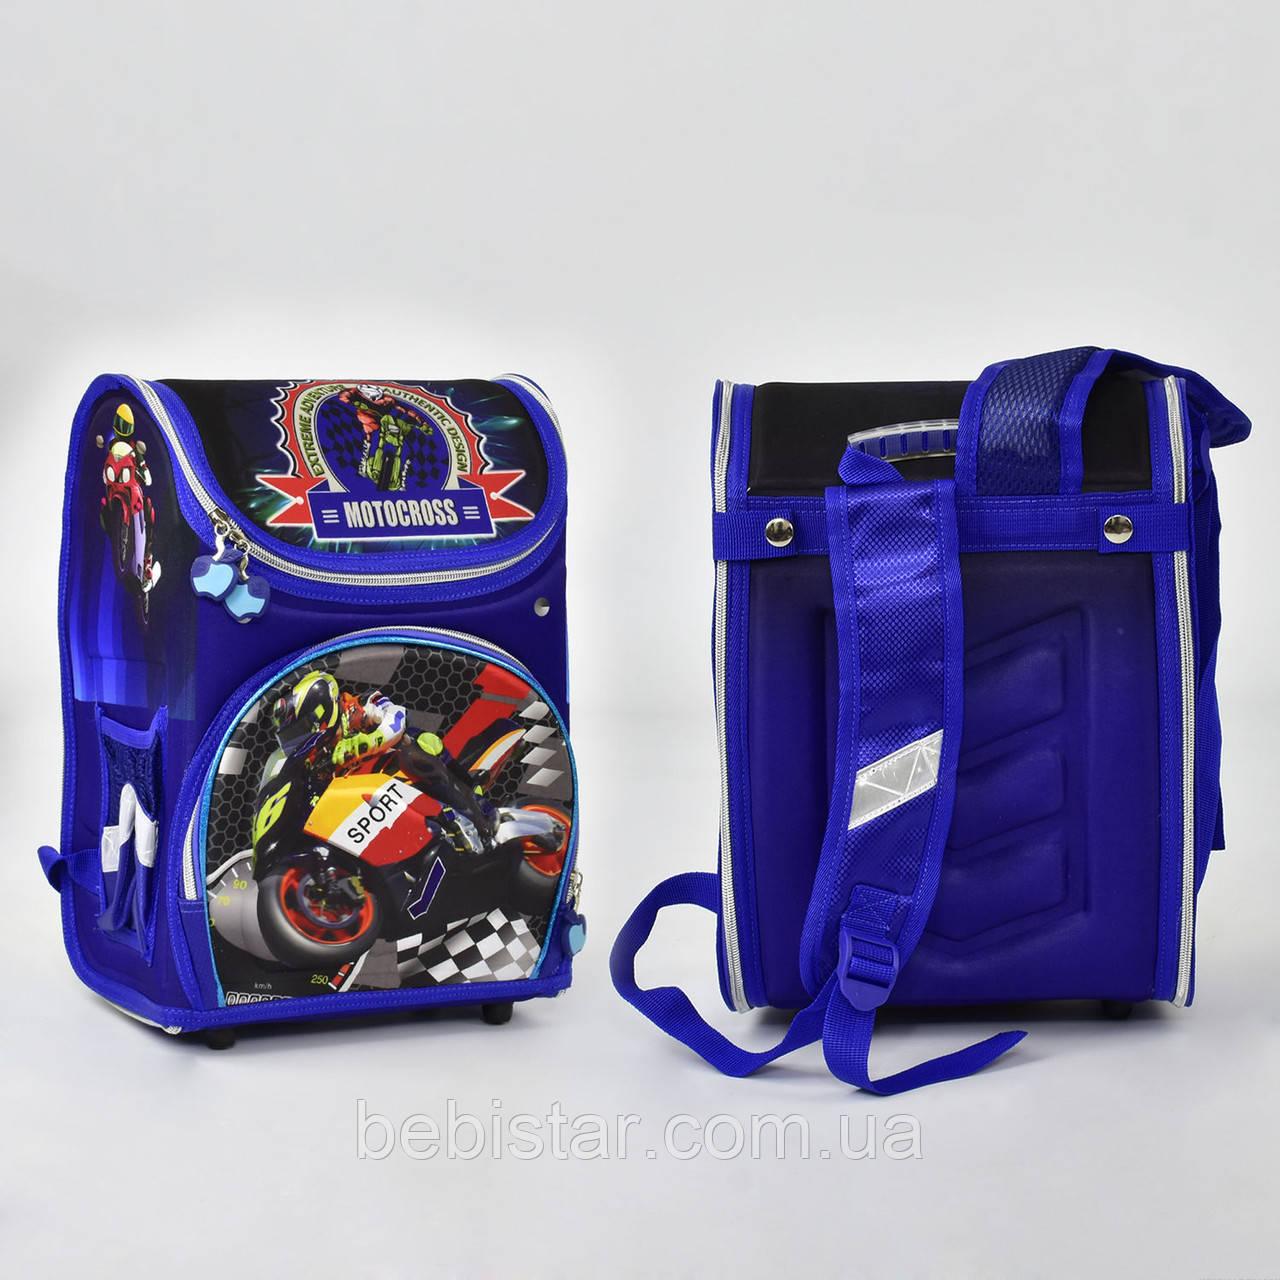 Школьный рюкзак ортопедическая спинка 2 кармана с изображением крутых байков